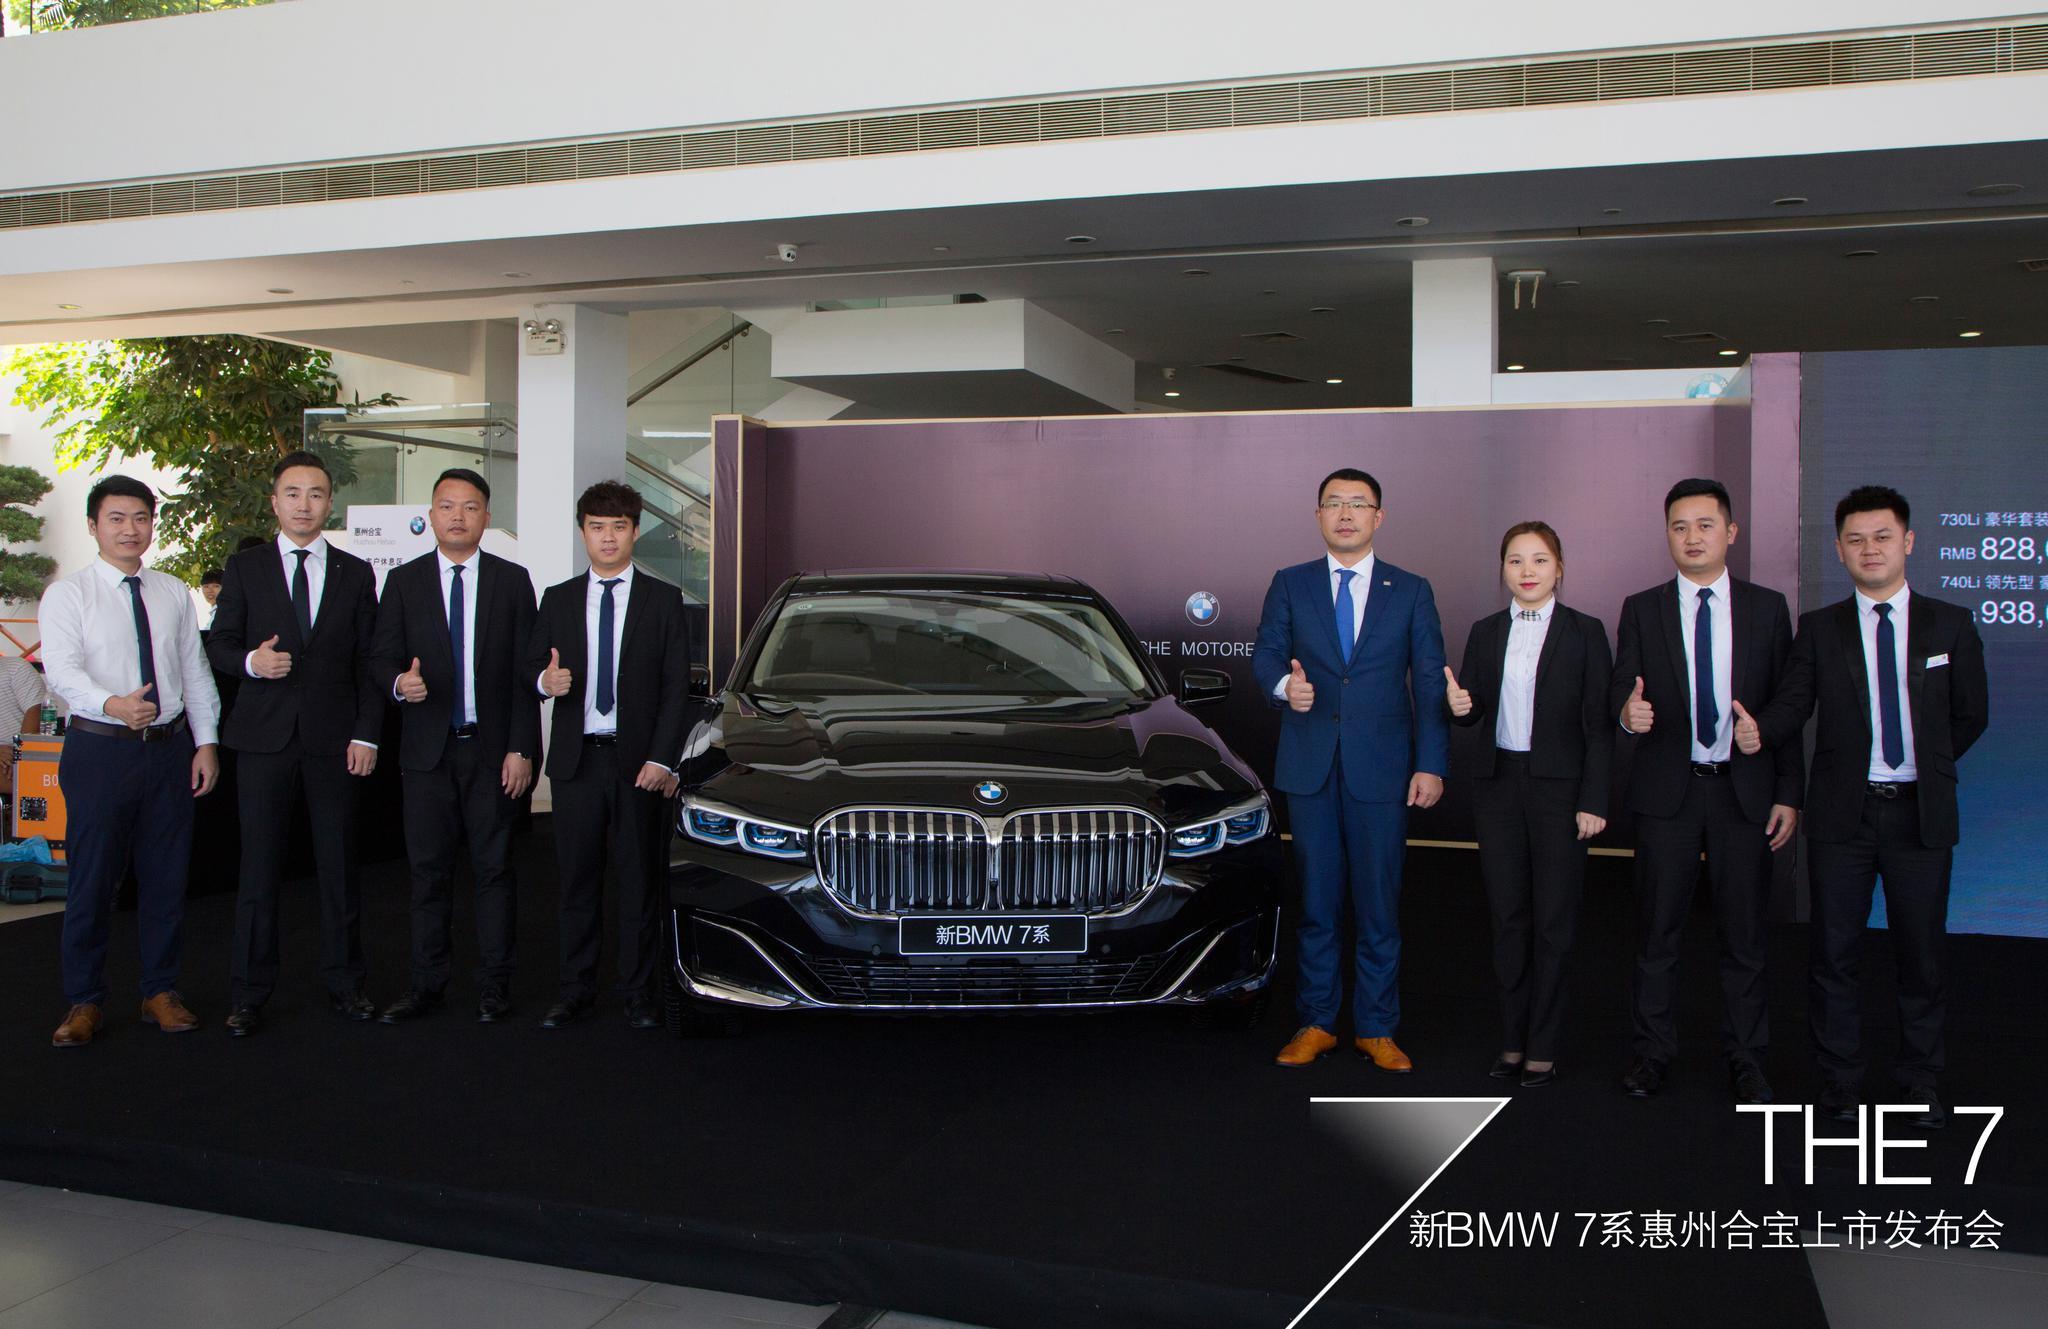 新BMW 7系惠州合宝荣耀上市